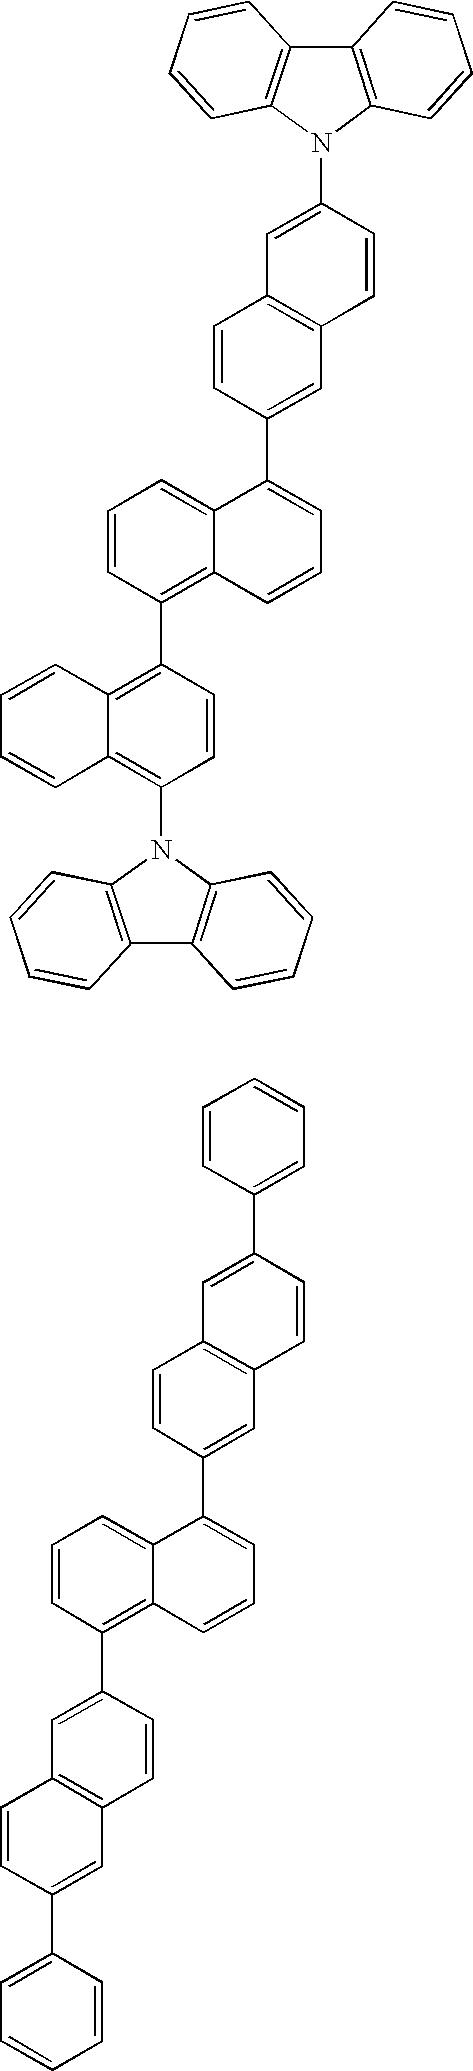 Figure US20100171109A1-20100708-C00071